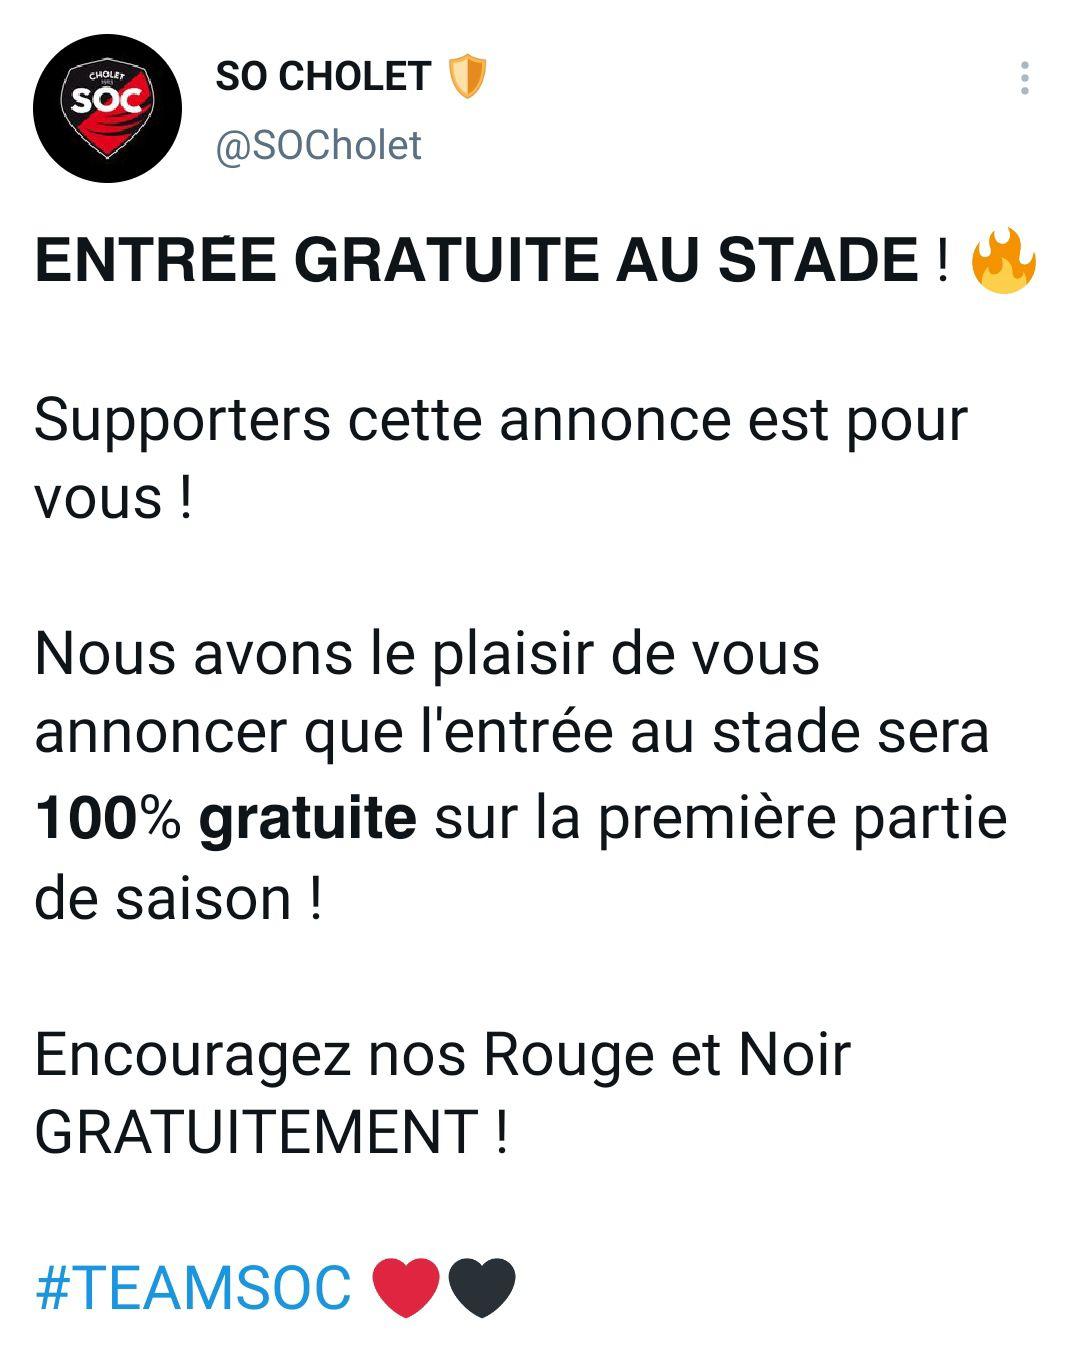 Match de foot à domicile du So Cholet gratuits (49)